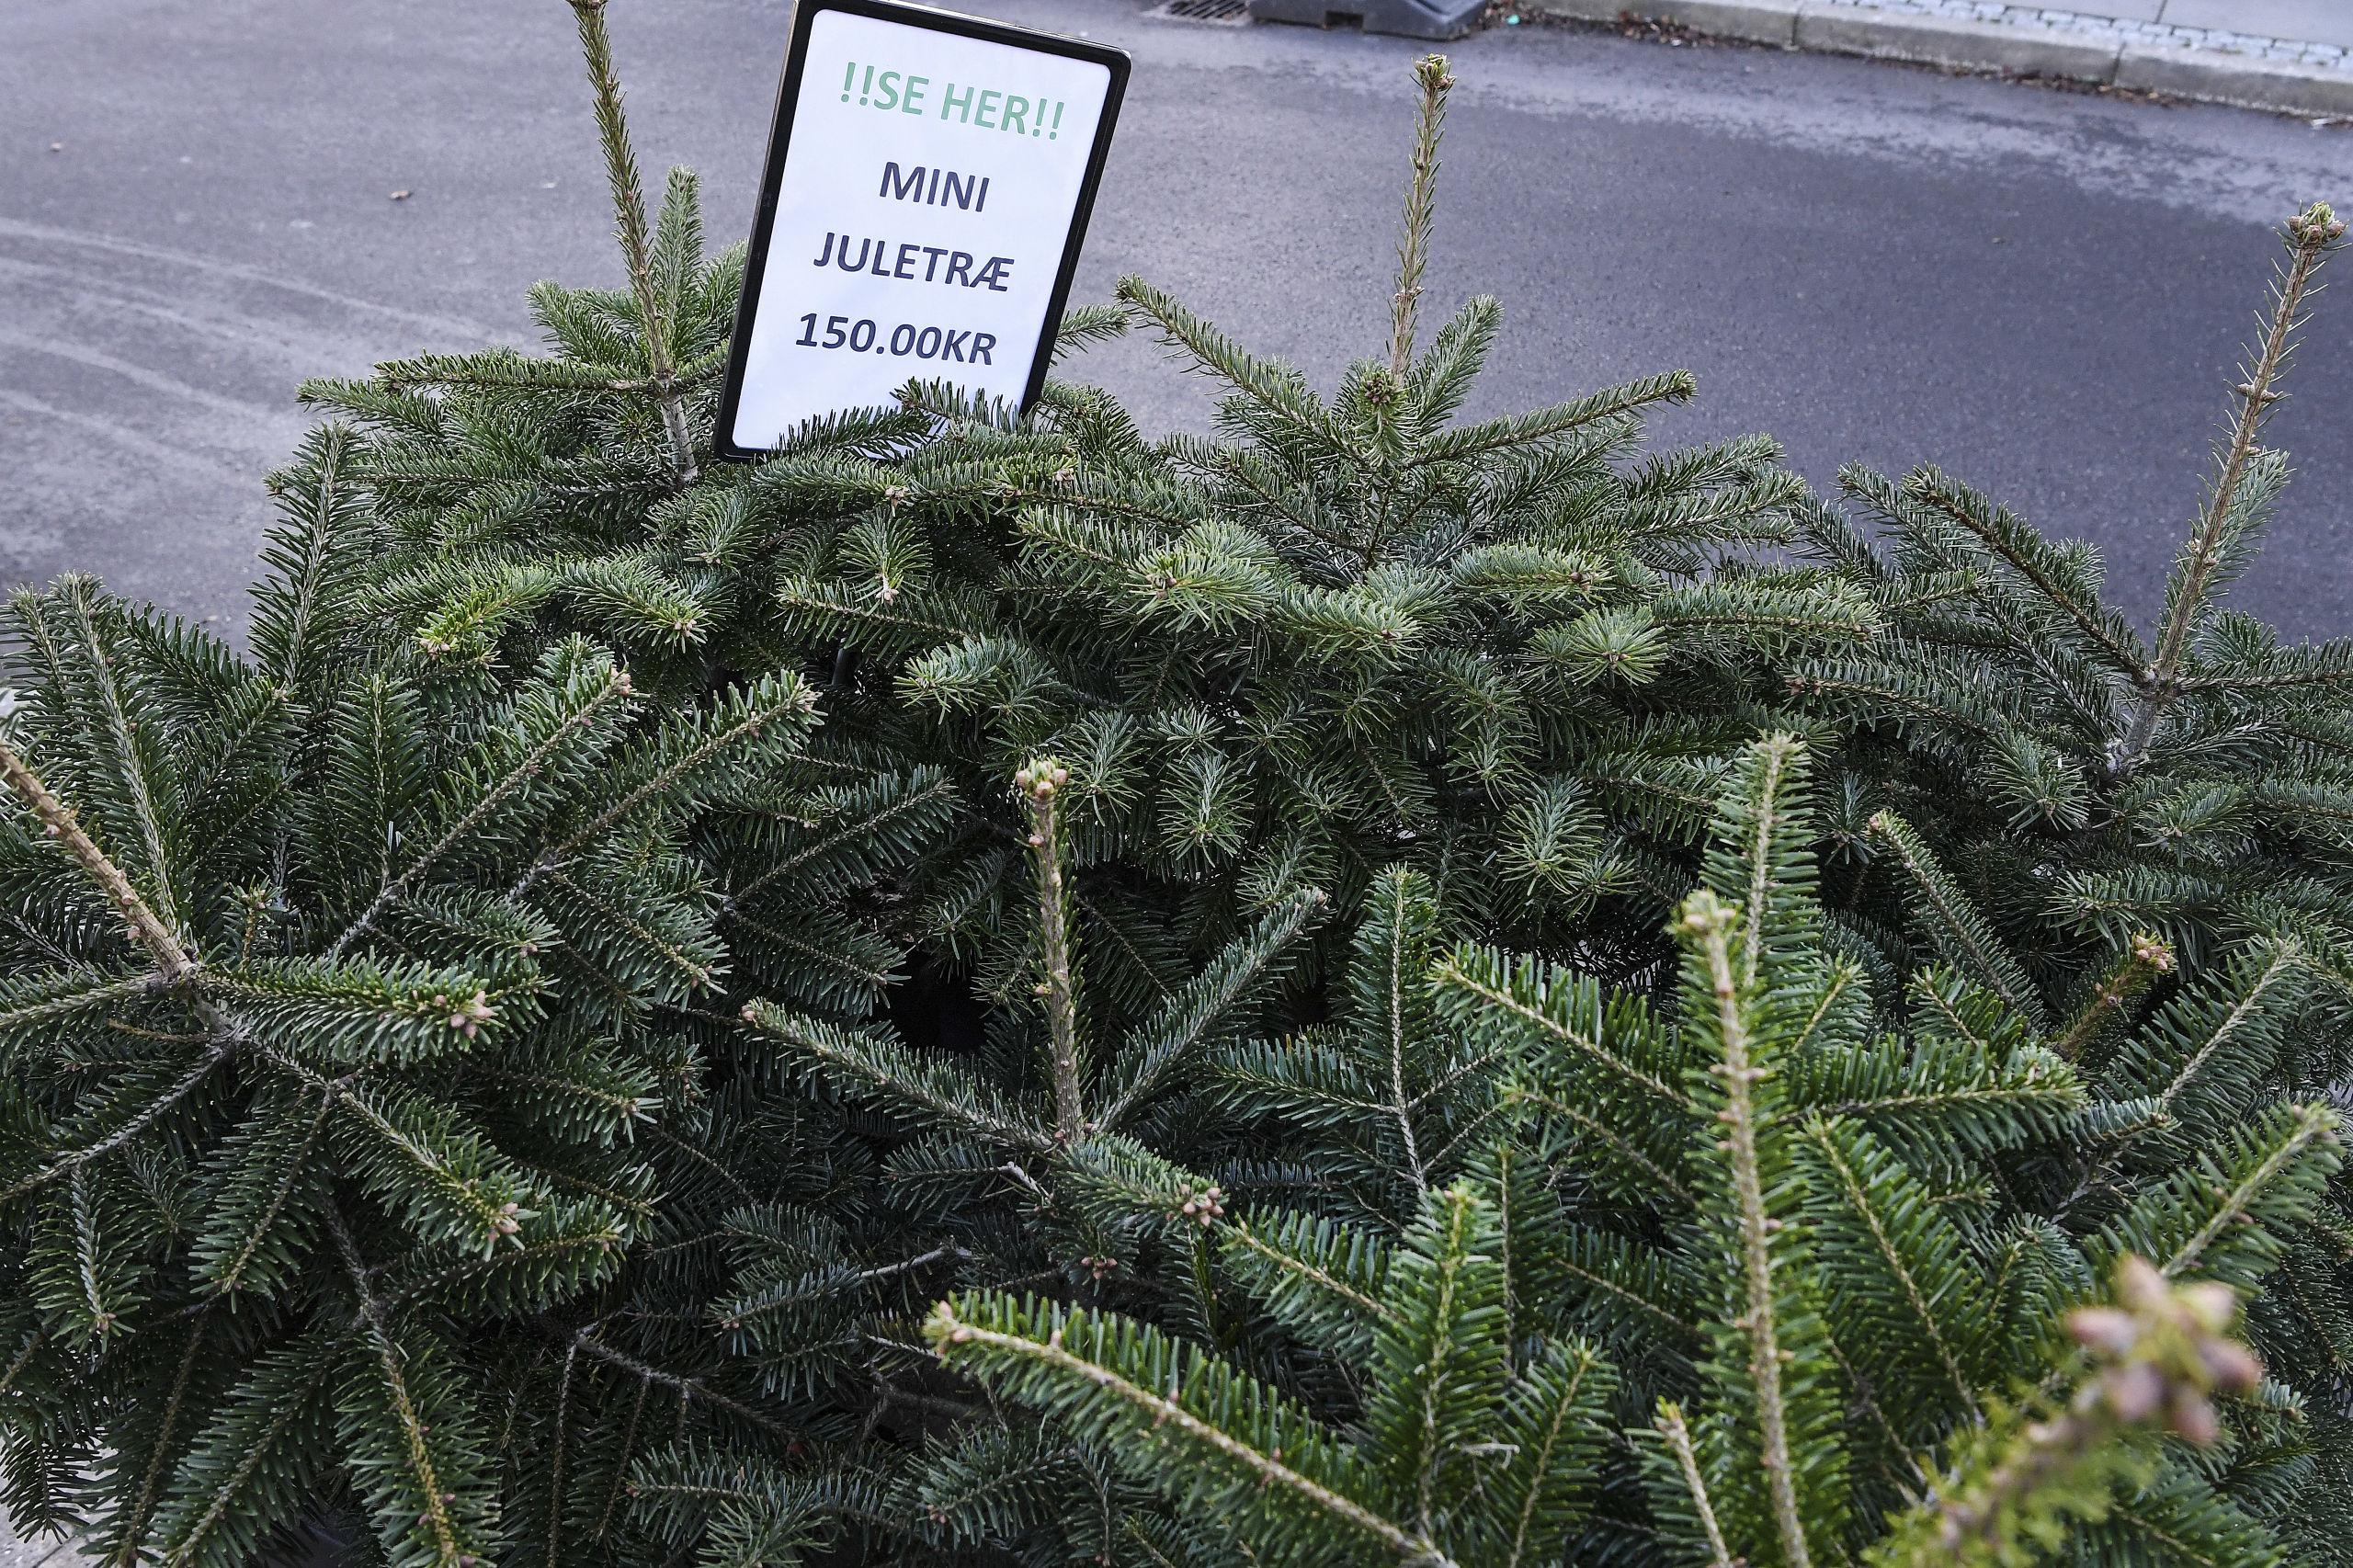 Vil du holde dit træ friskt og grønt så længe så muligt, så lad det stå vådt og koldt udenfor, til du skal bruge det. Arkivfoto: Bent Bach